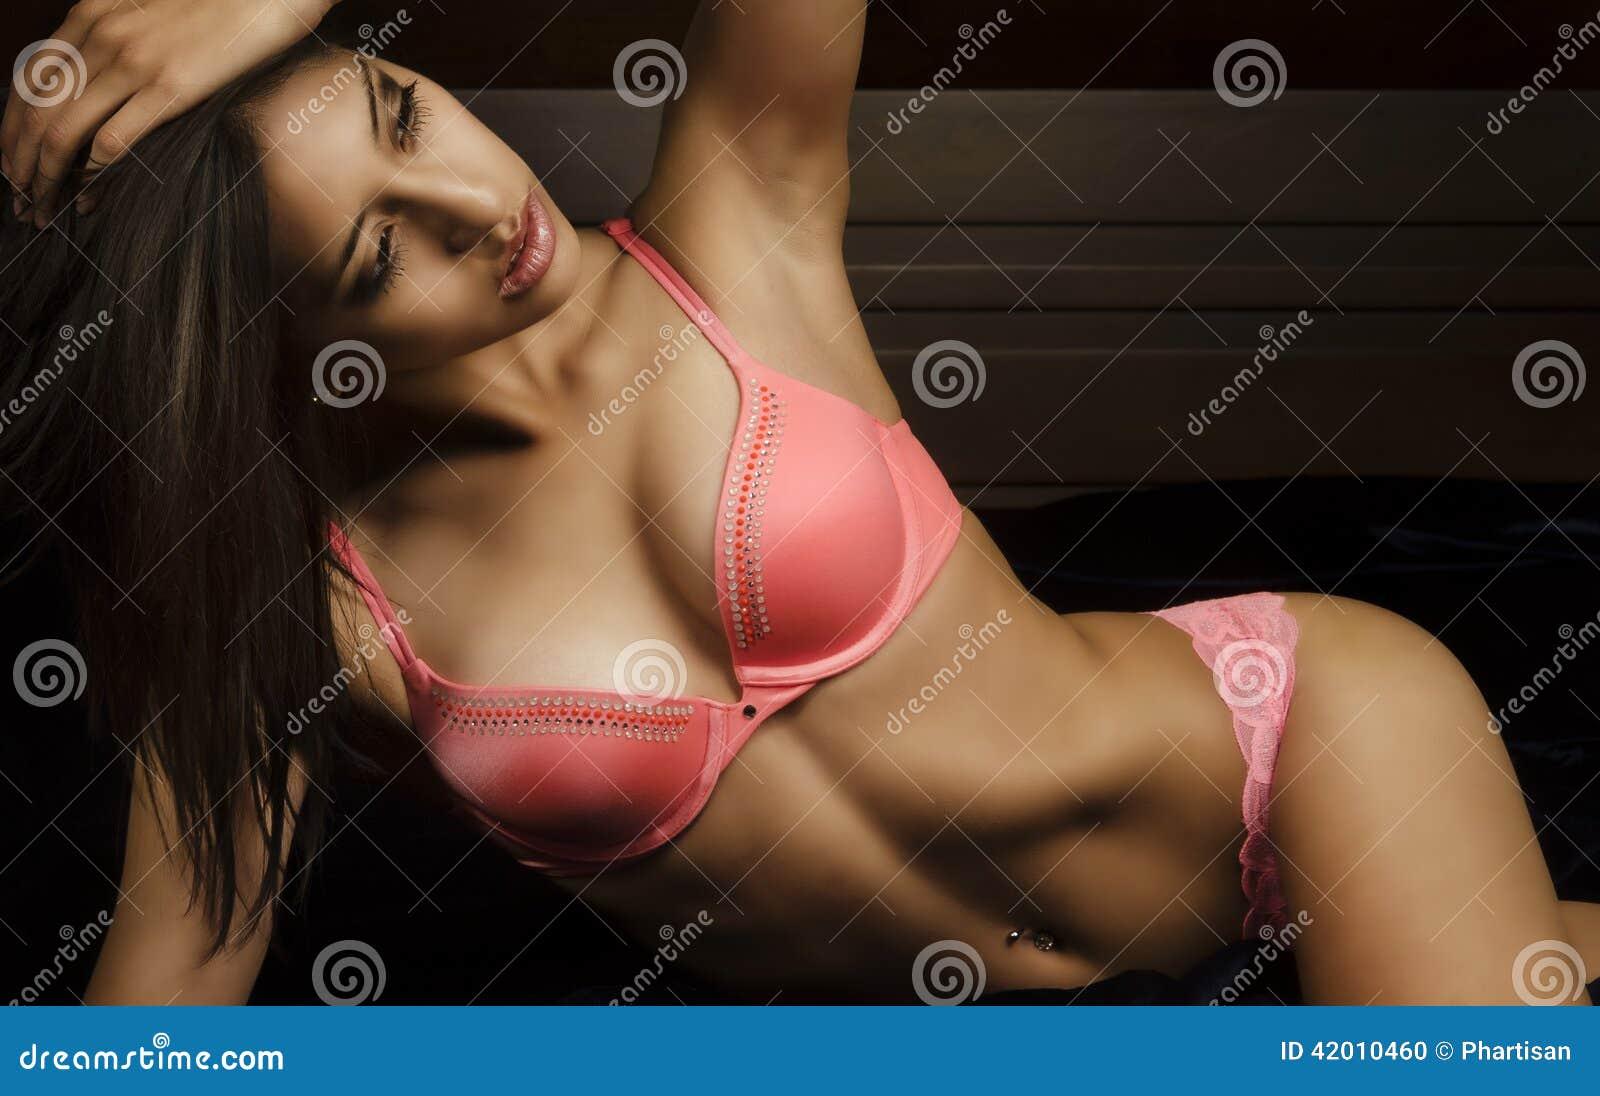 sex video geatis mooie vrouwe